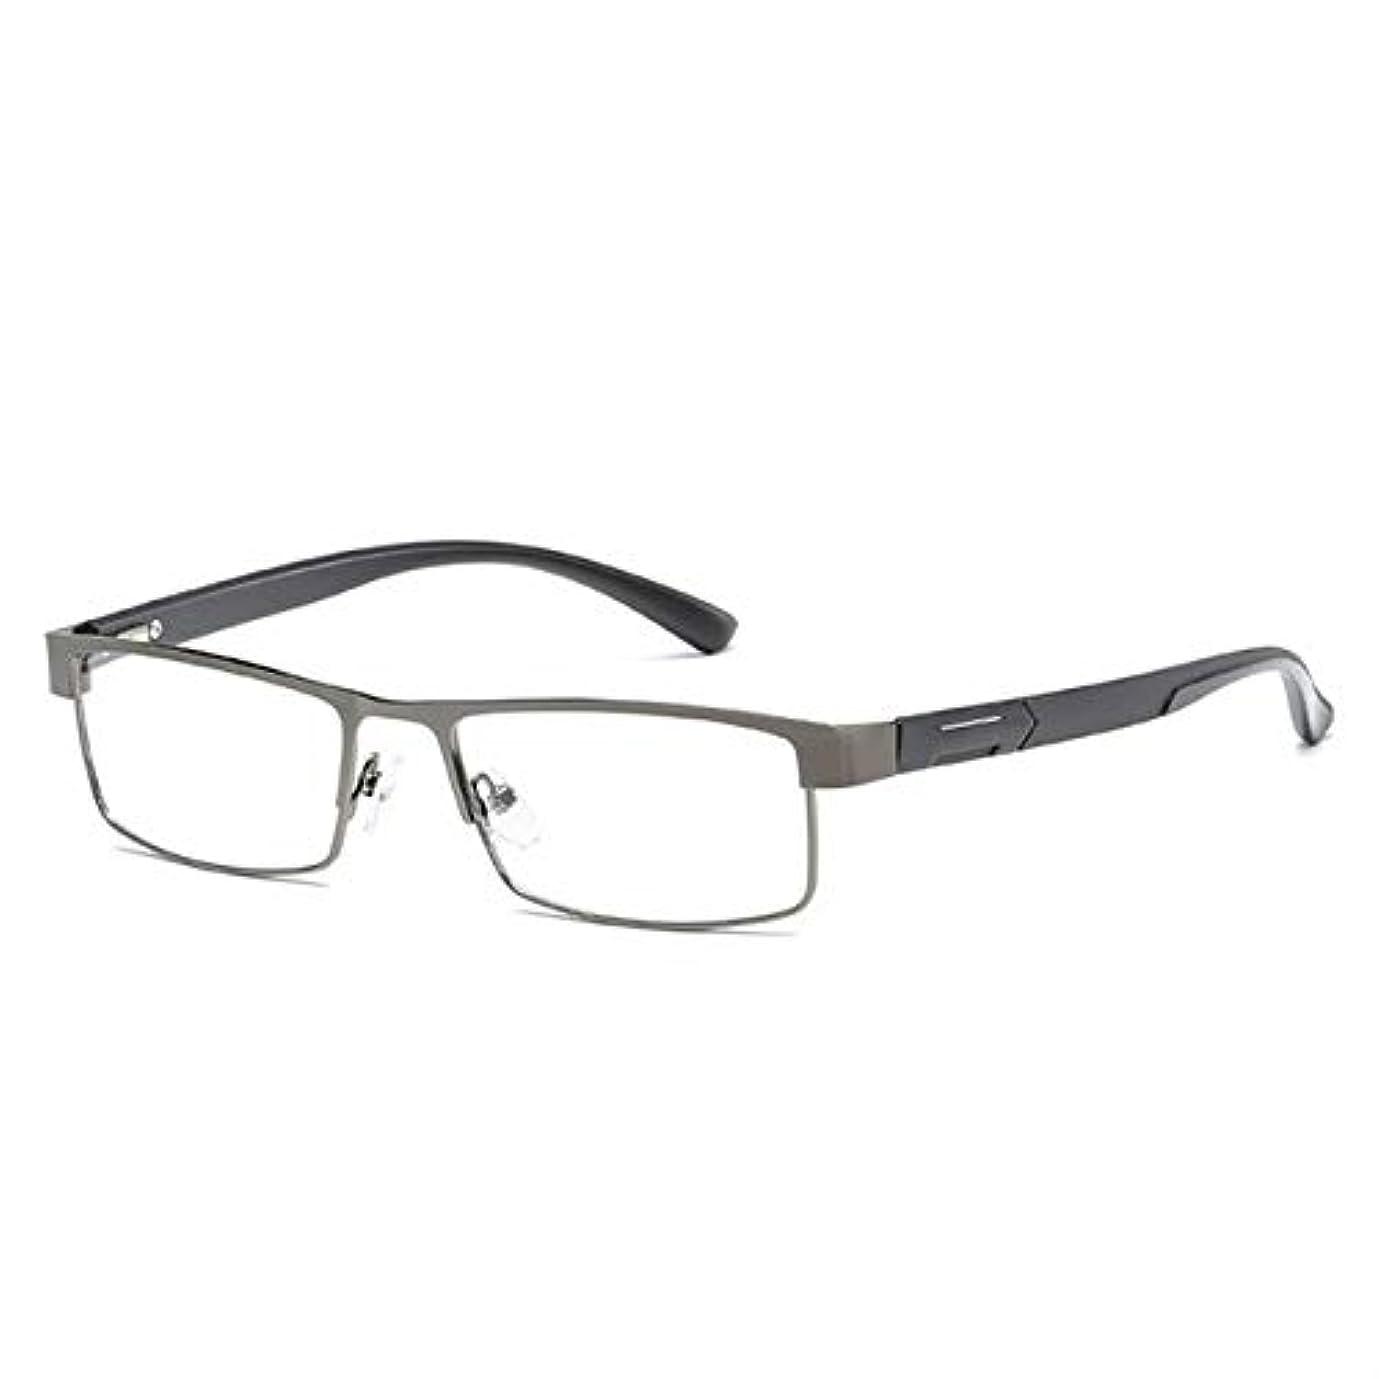 進化するハミングバード一般化するMENGJIA Simple Matelフレーム老眼鏡遠視眼鏡+ 2.00D(マットブラック)YANG (色 : Gun-color)